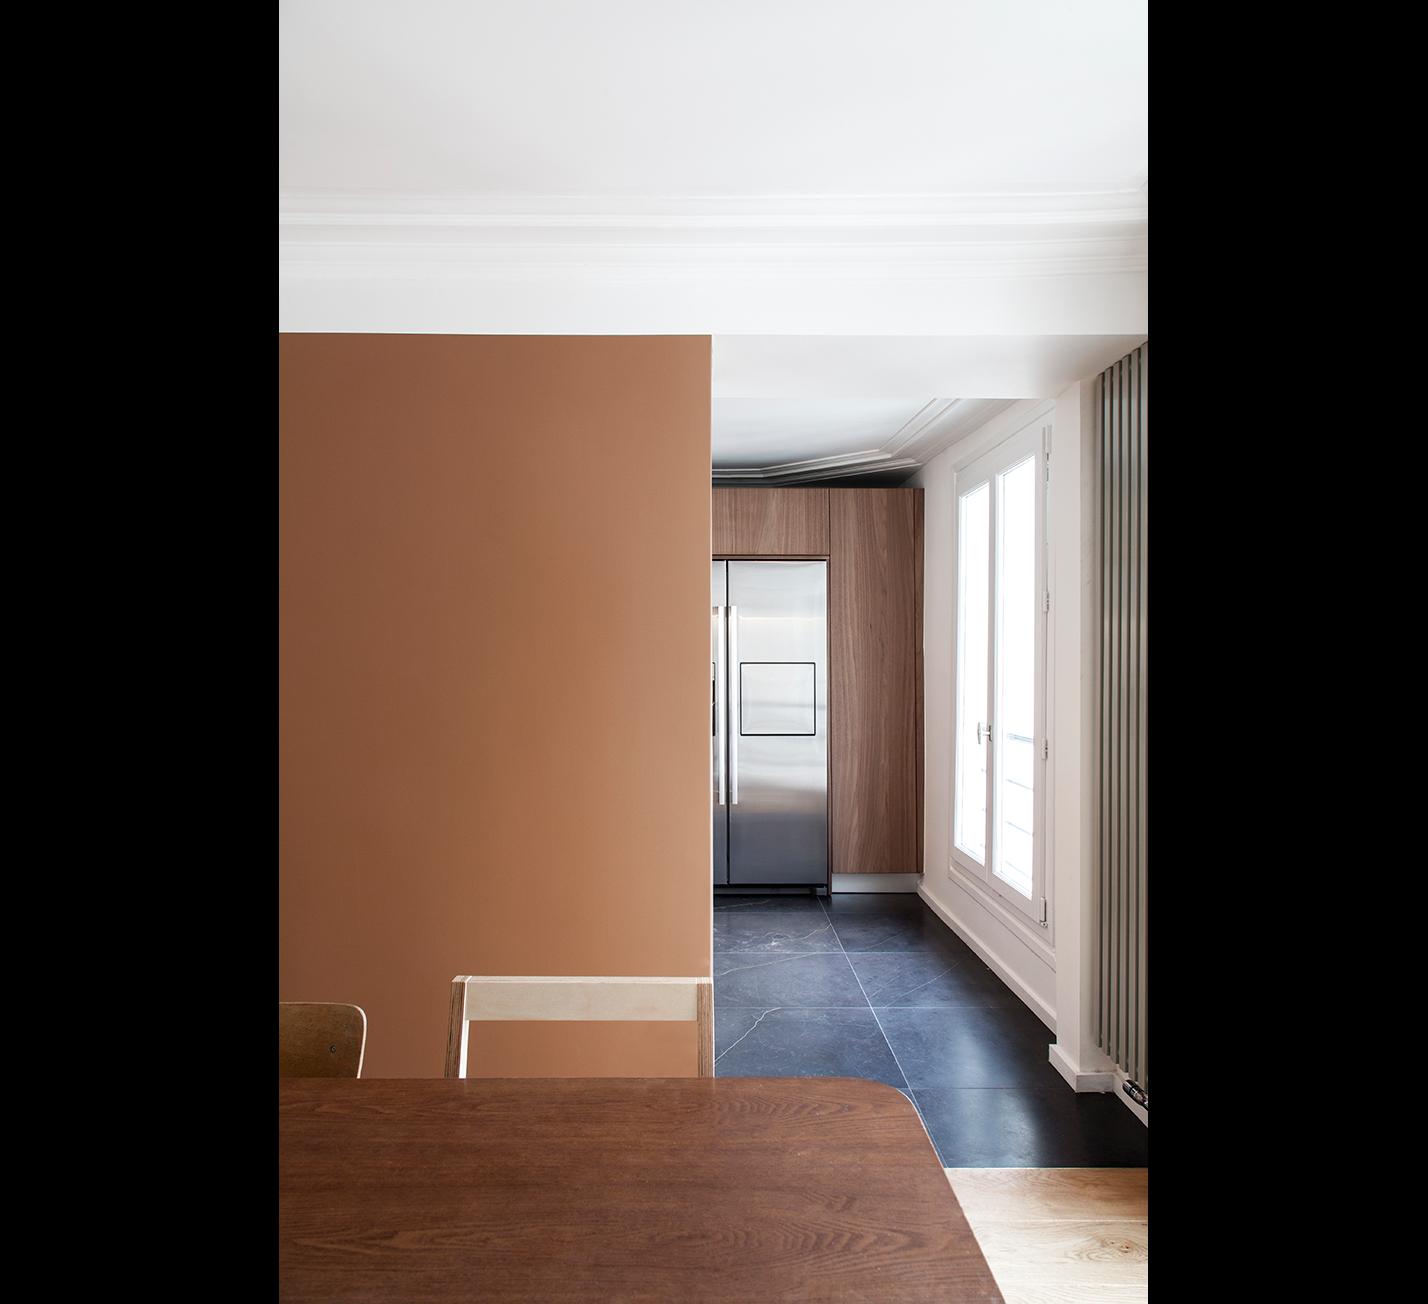 Projet-Pigalle-Atelier-Steve-Pauline-Borgia-Architecture-interieur-07